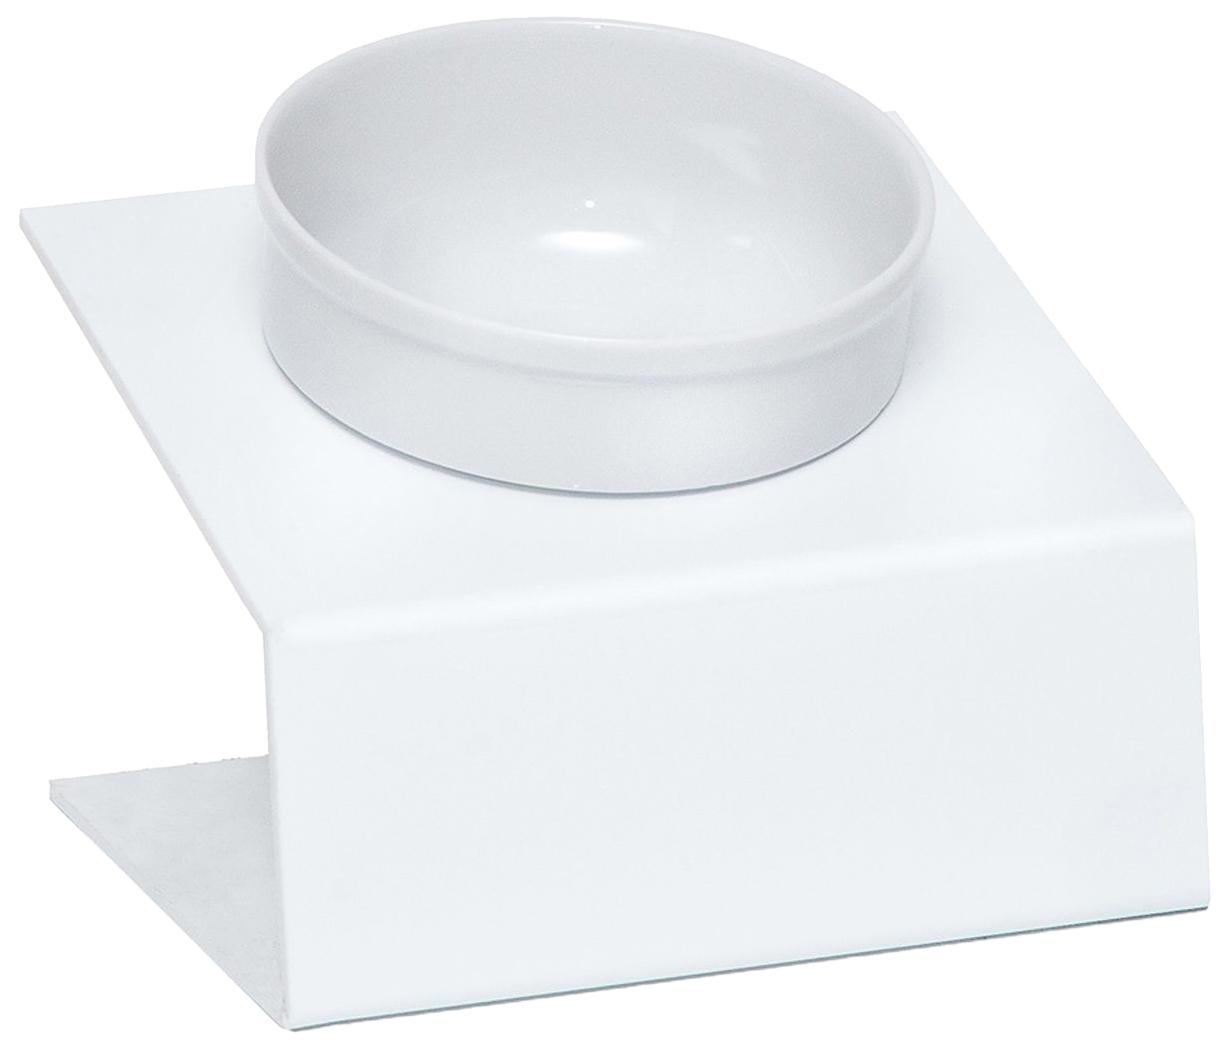 Одинарная миска для кошек Artmiska, керамика, пластик,